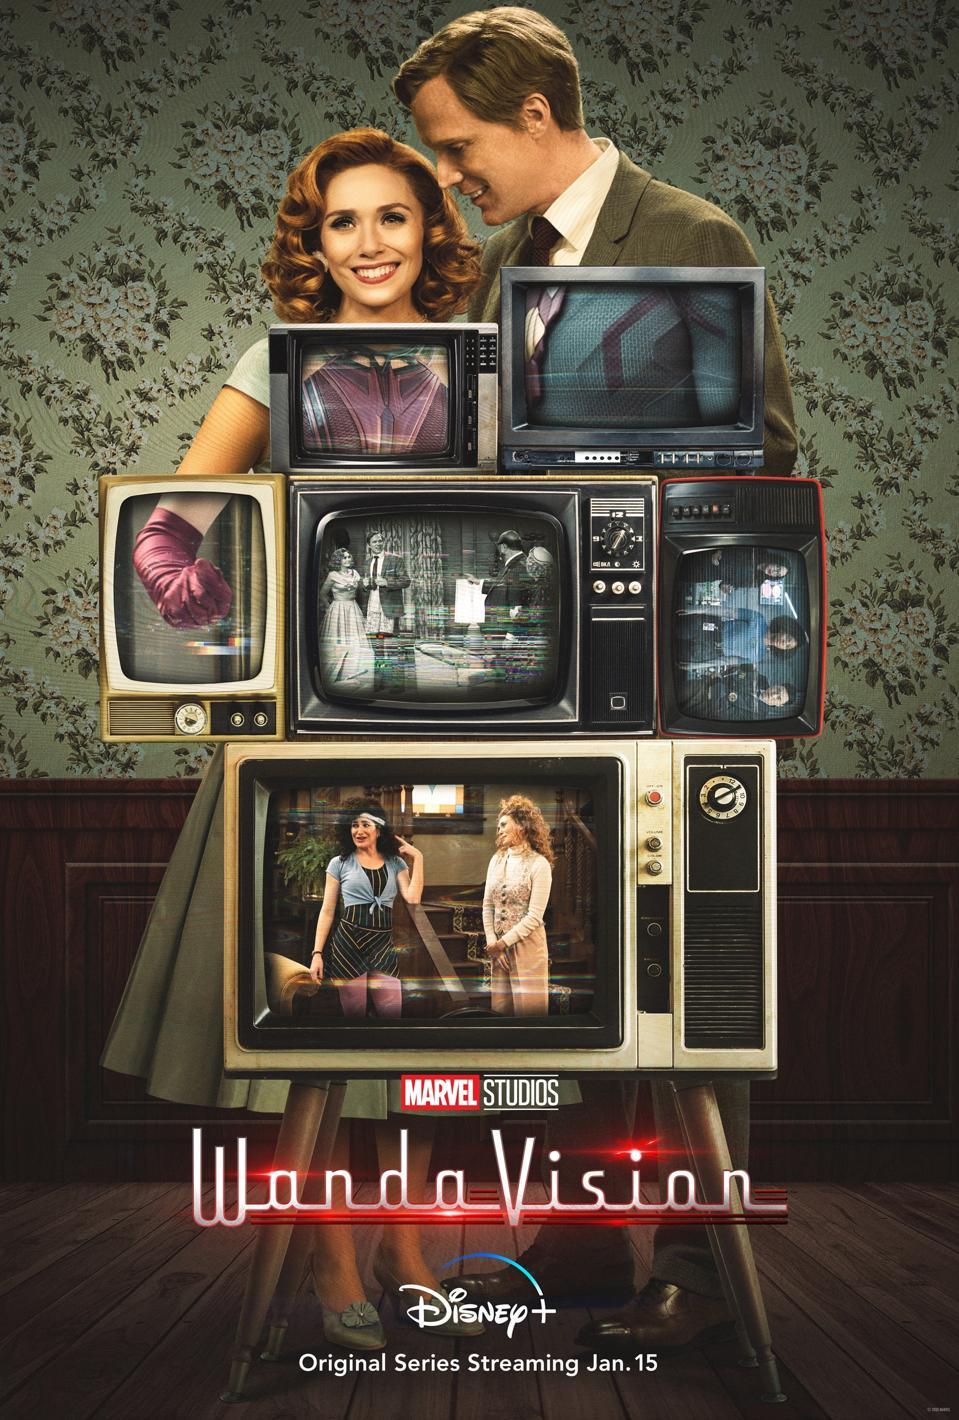 'WandaVision' poster